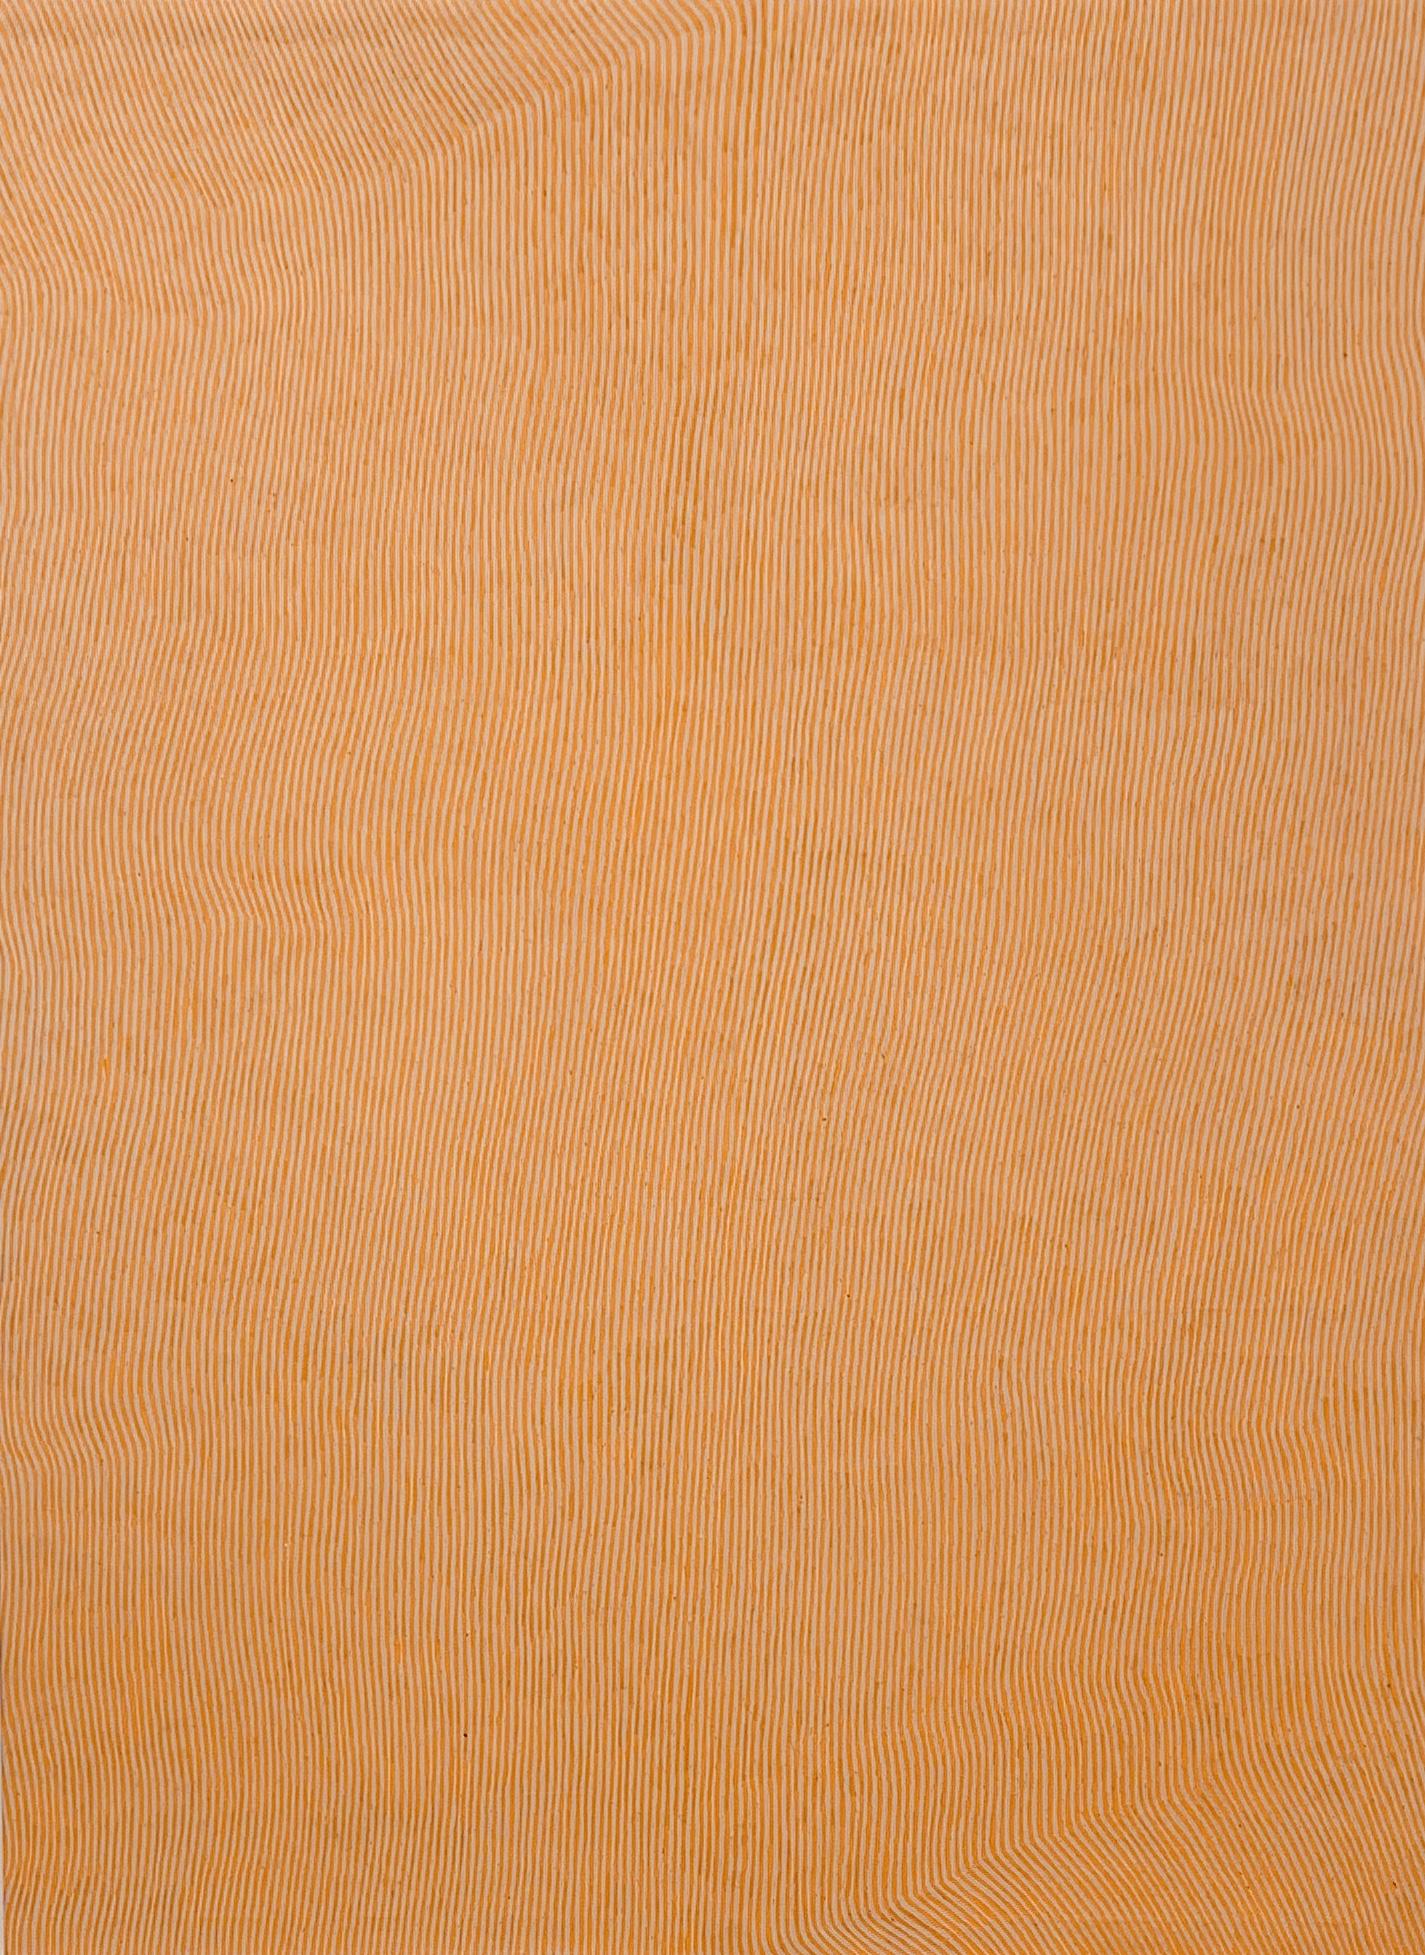 GEORGE TJUNGURRAYI  Untitled,  2006 acrylic on canvas 244 x 183 cm